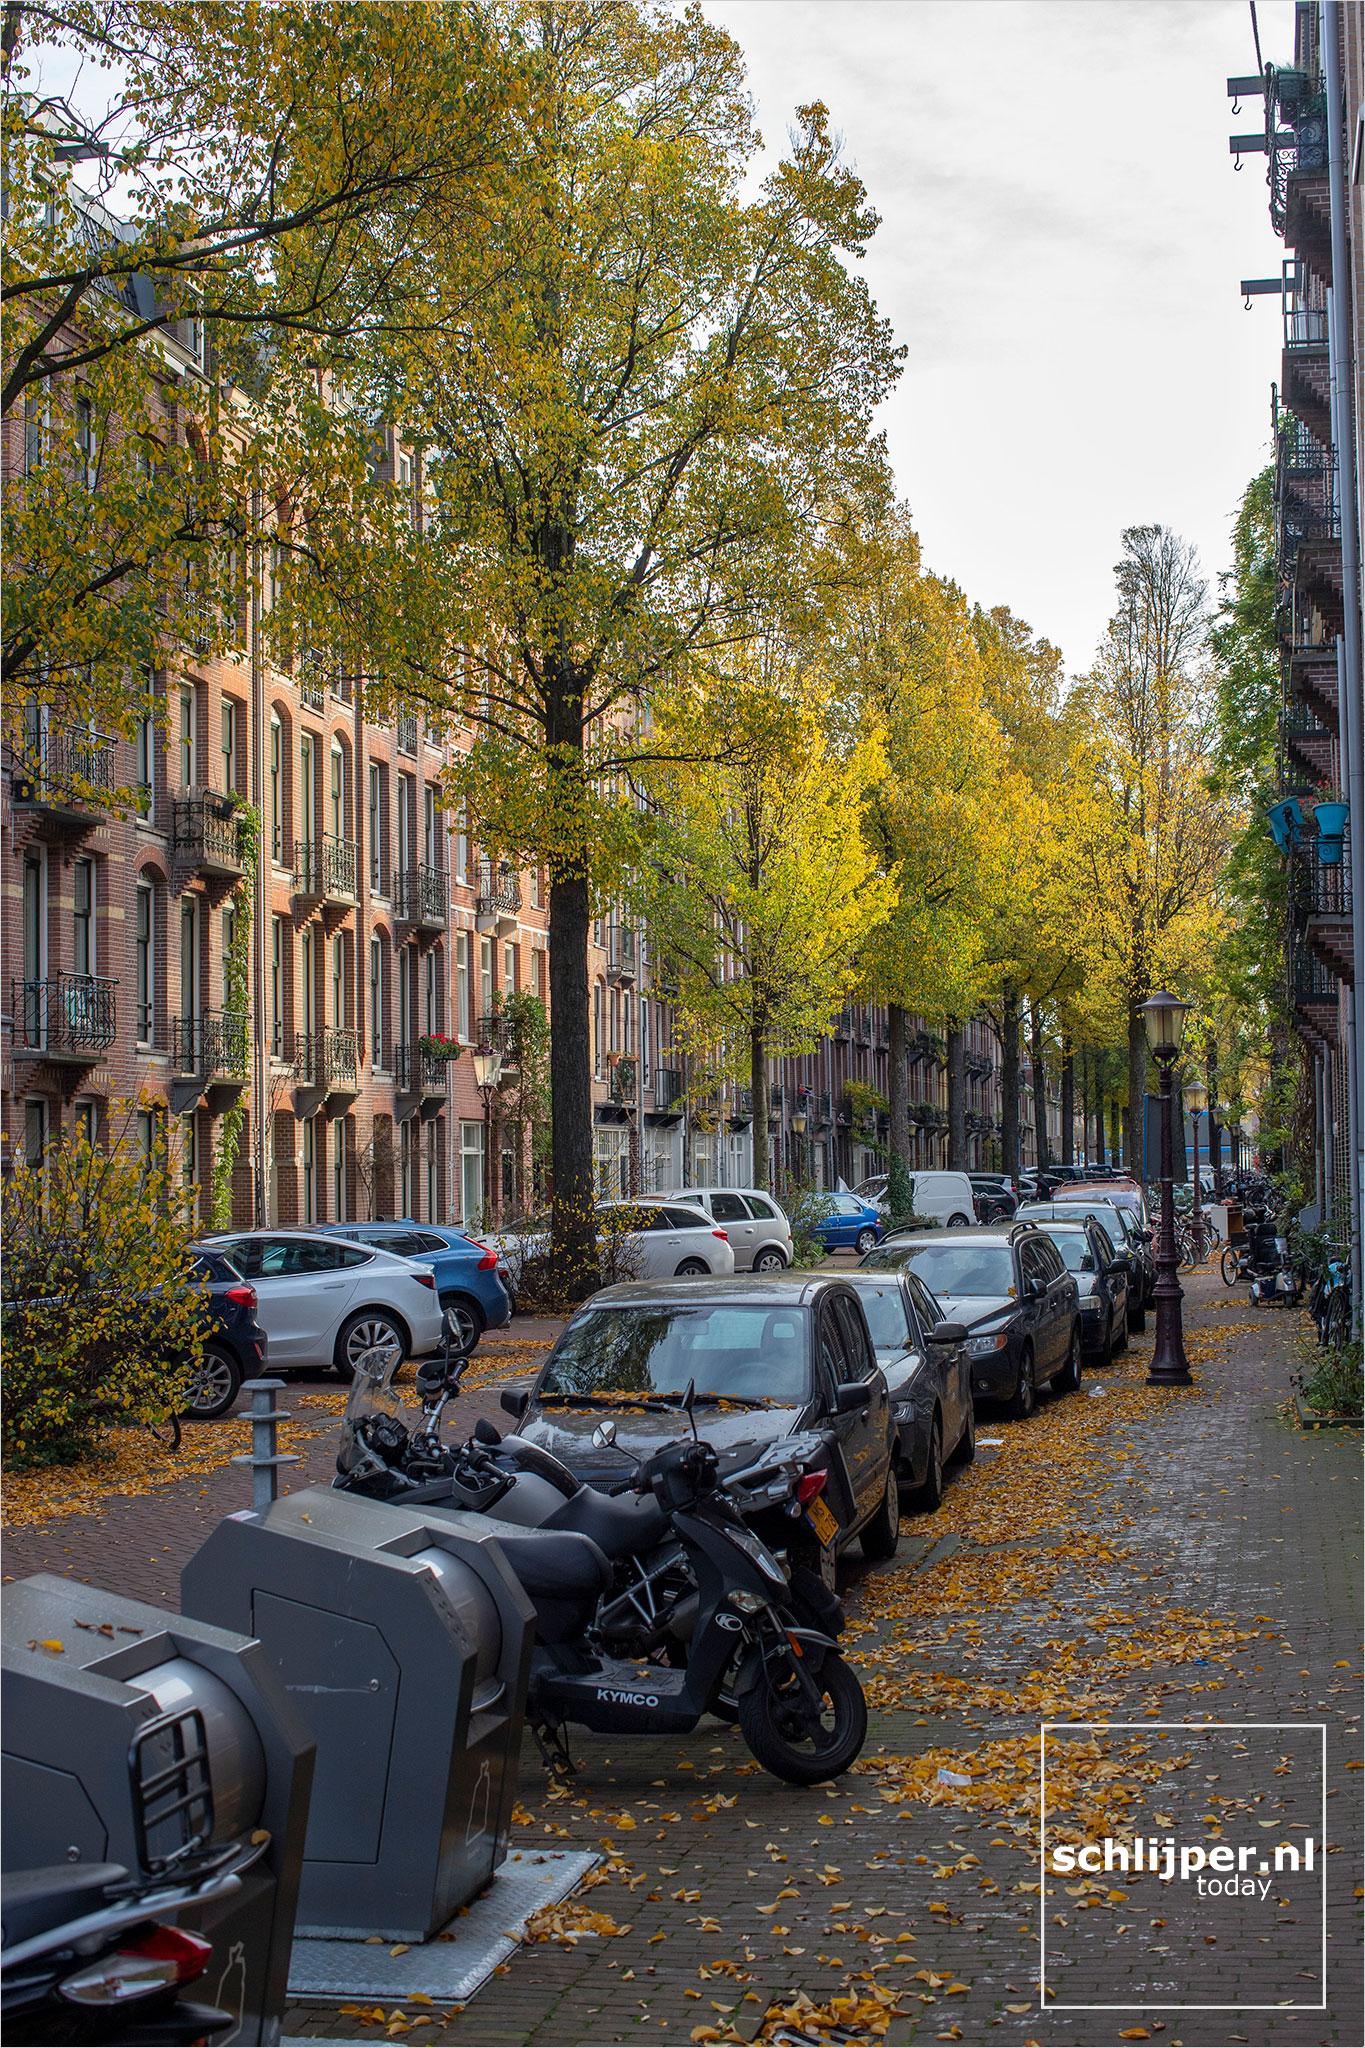 Nederland, Amsterdam, 15 november 2020